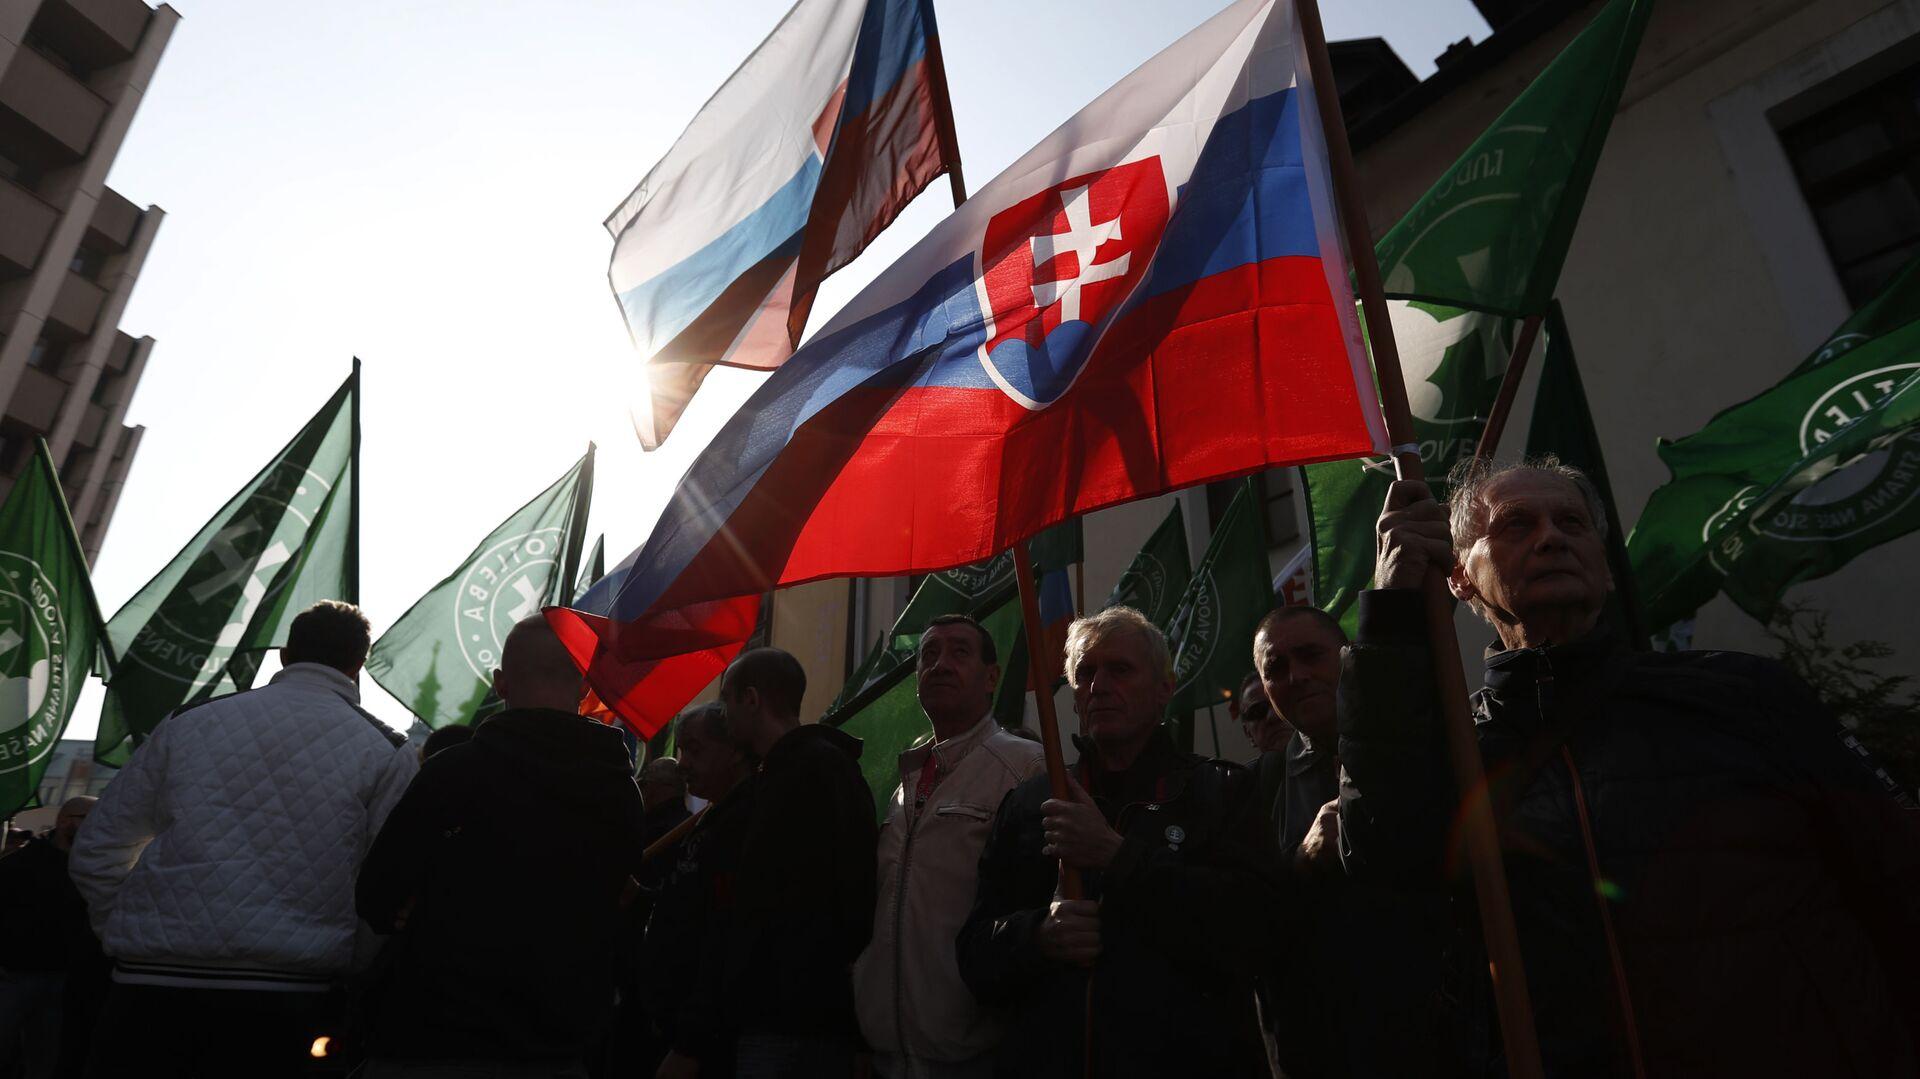 Zastánci radikálně pravicové strany Kotleby - Lidová strany Naše Slovensko dne 9. dubna 2019 - Sputnik Česká republika, 1920, 01.07.2021